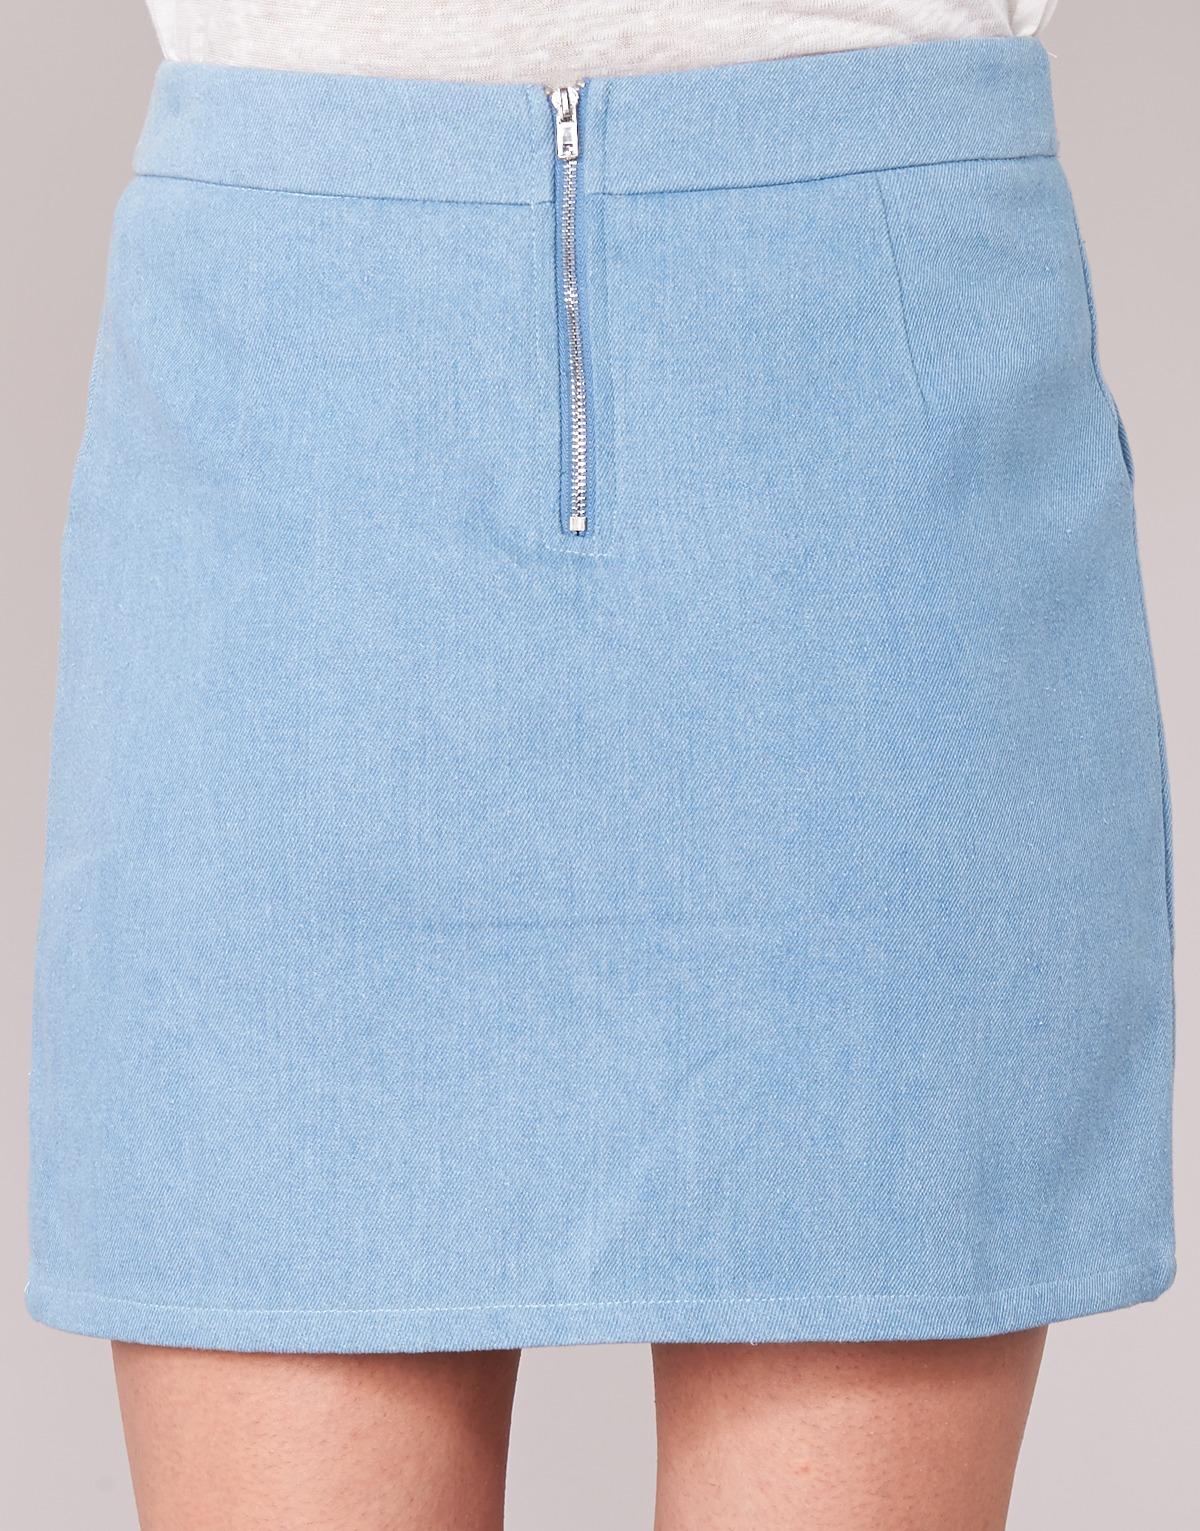 Yurban Bleu - Livraison Gratuite Vêtements Jupes Femme 25,50 €